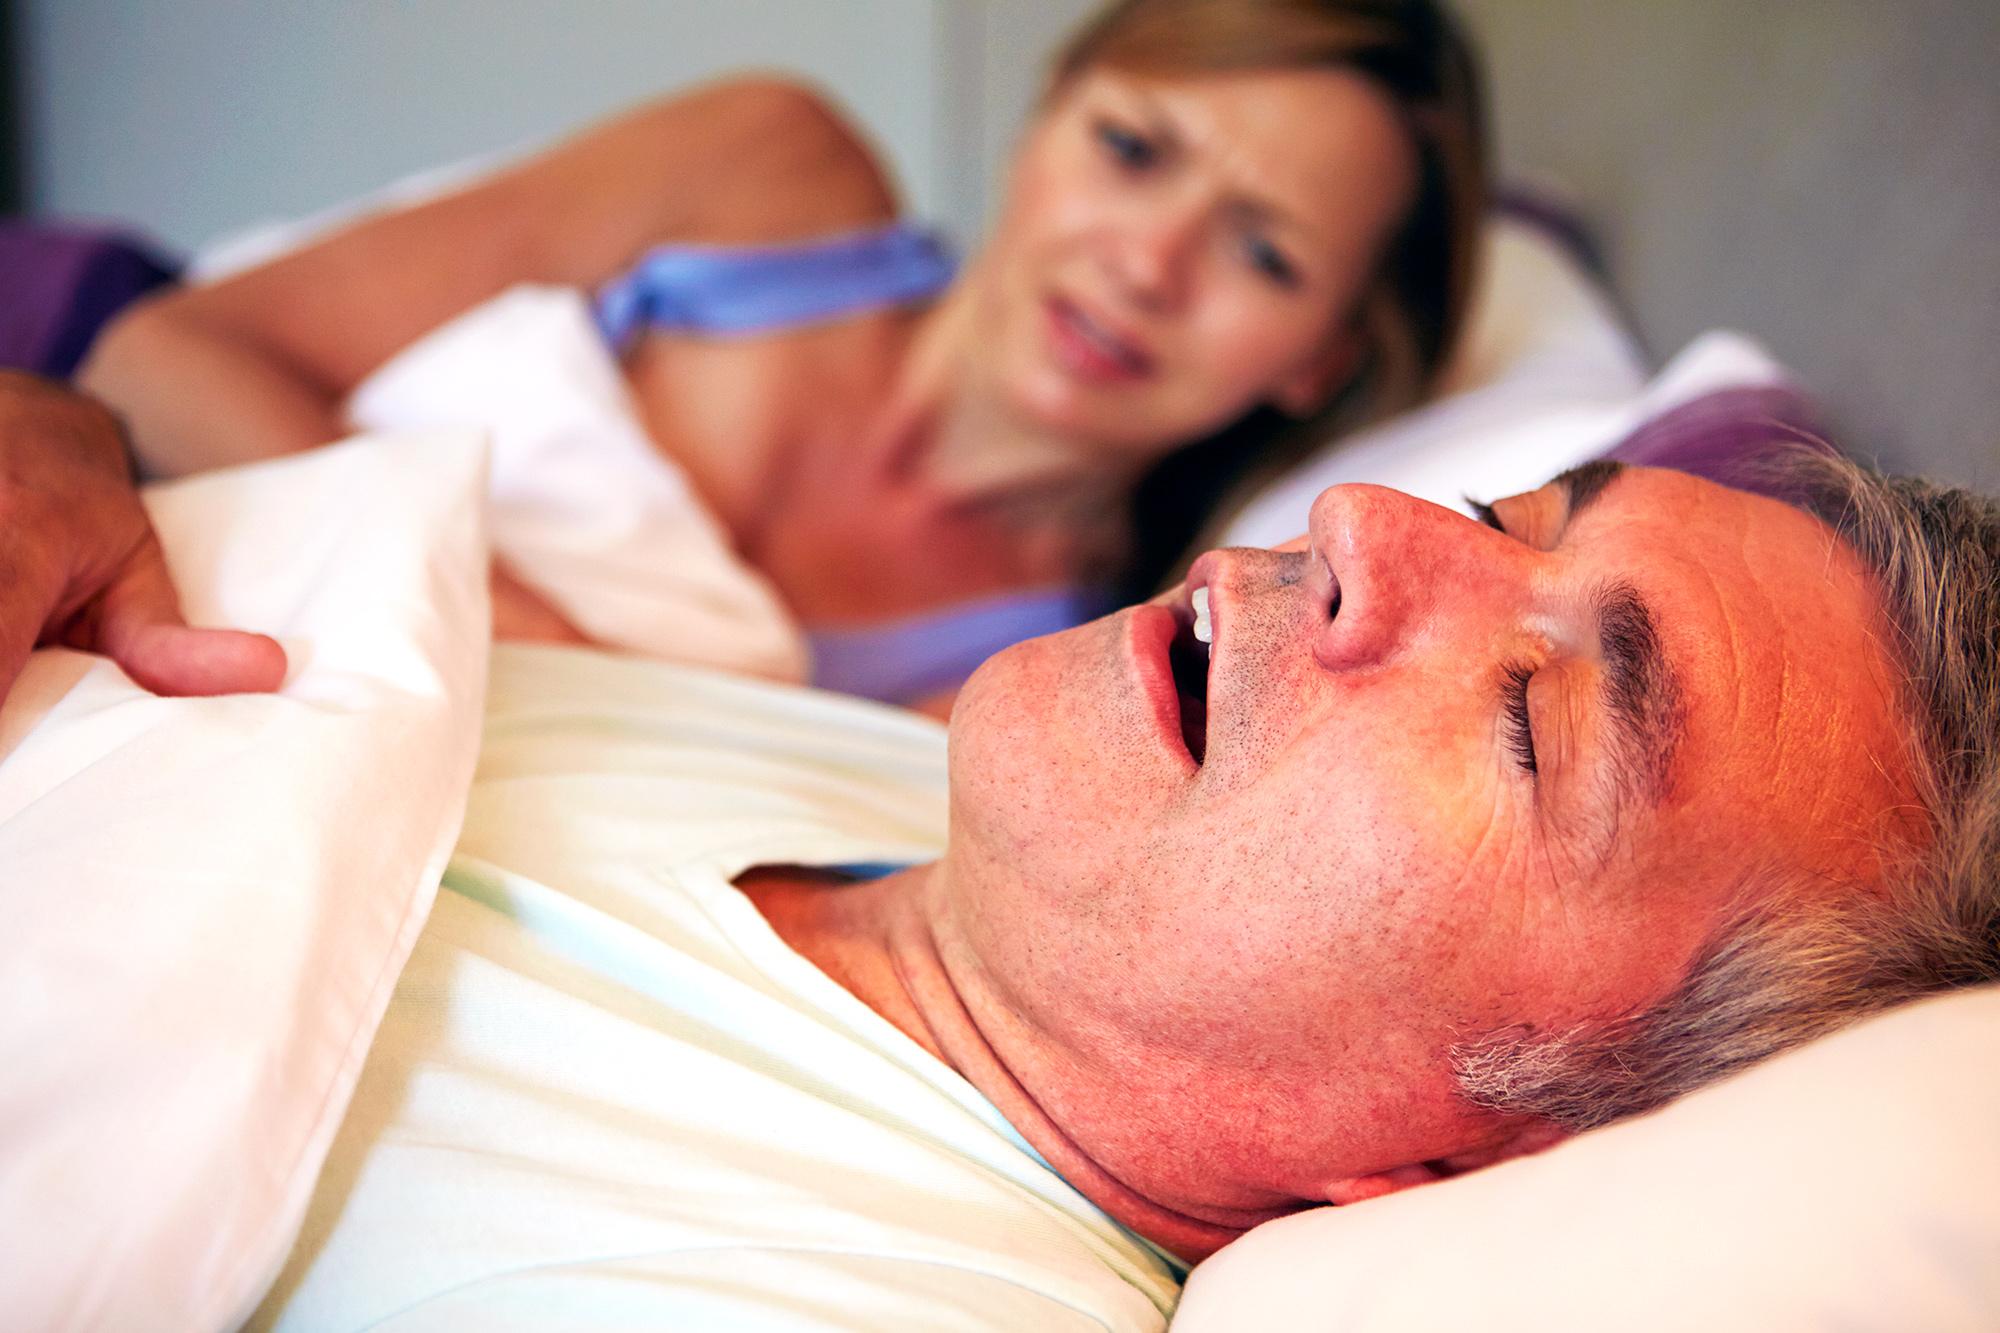 Как перестать храпеть ночью во сне? Мужчина муж храпит в кровати жена не спит. Храп во сне.